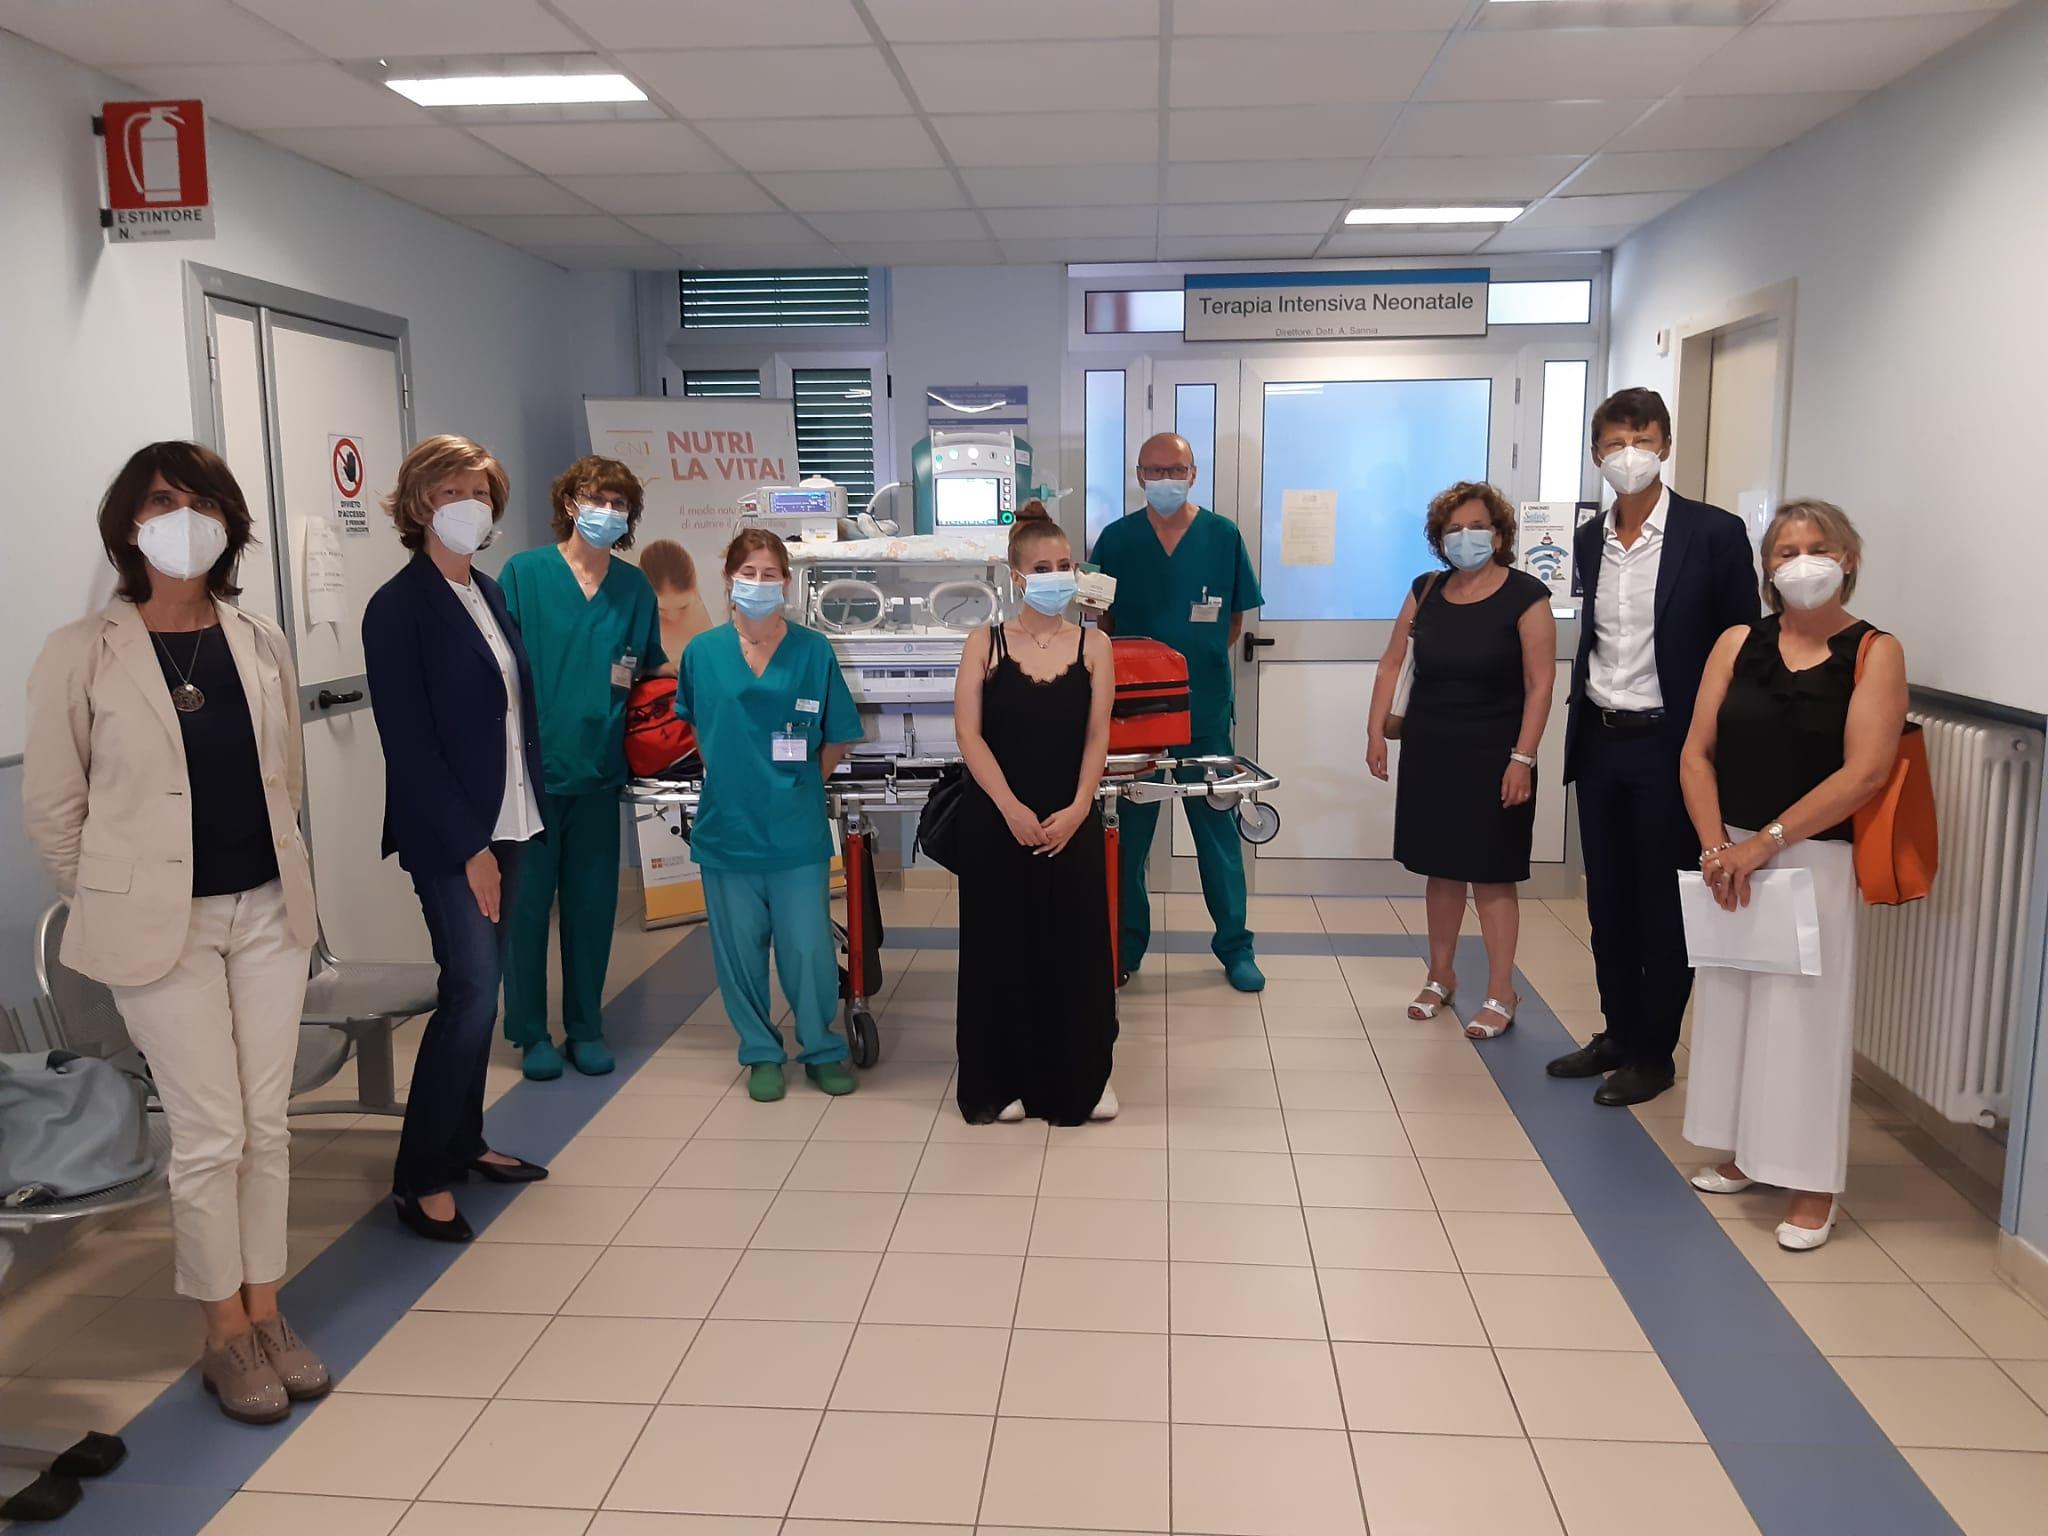 Donazione di un ventilatore alla Terapia intensiva neonatale